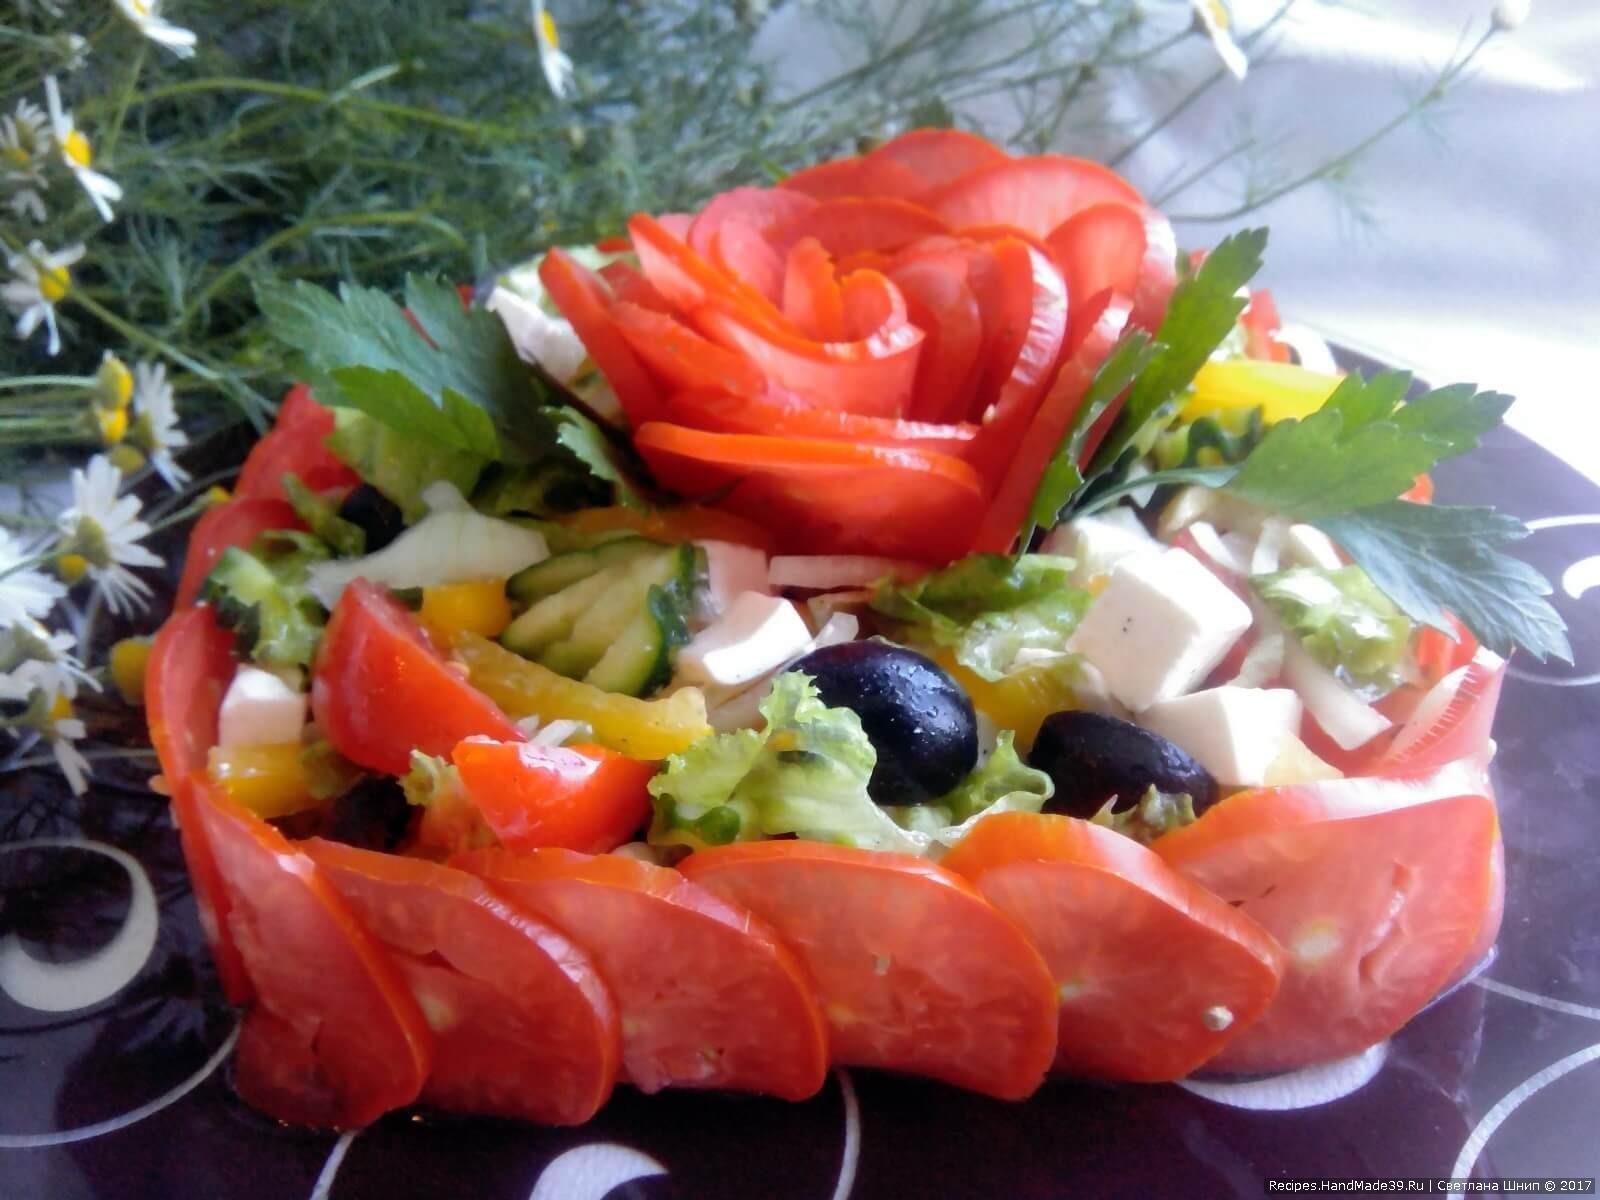 Перед подачей полить салат заправкой, аккуратно перемешать и посыпать сверху свежемолотым чёрным перцем. Приятного аппетита!